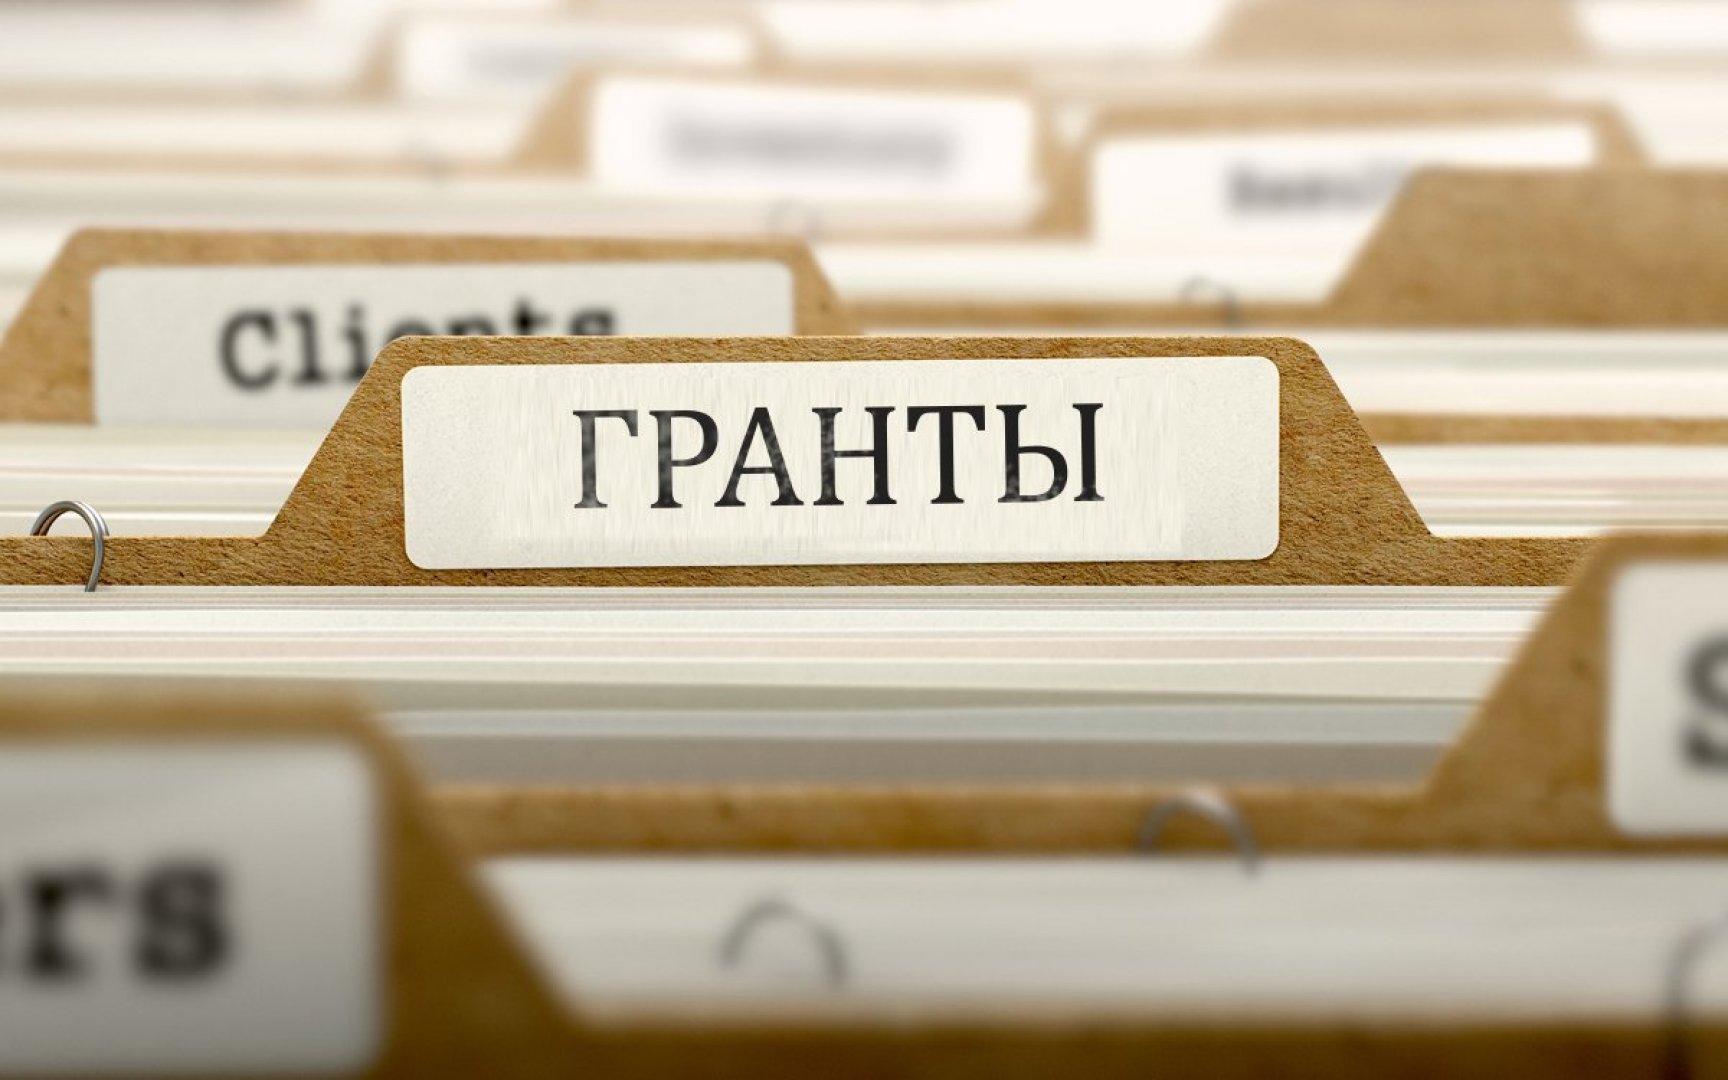 Сельхозкооперативы Дагестана получат около 100 млн рублей